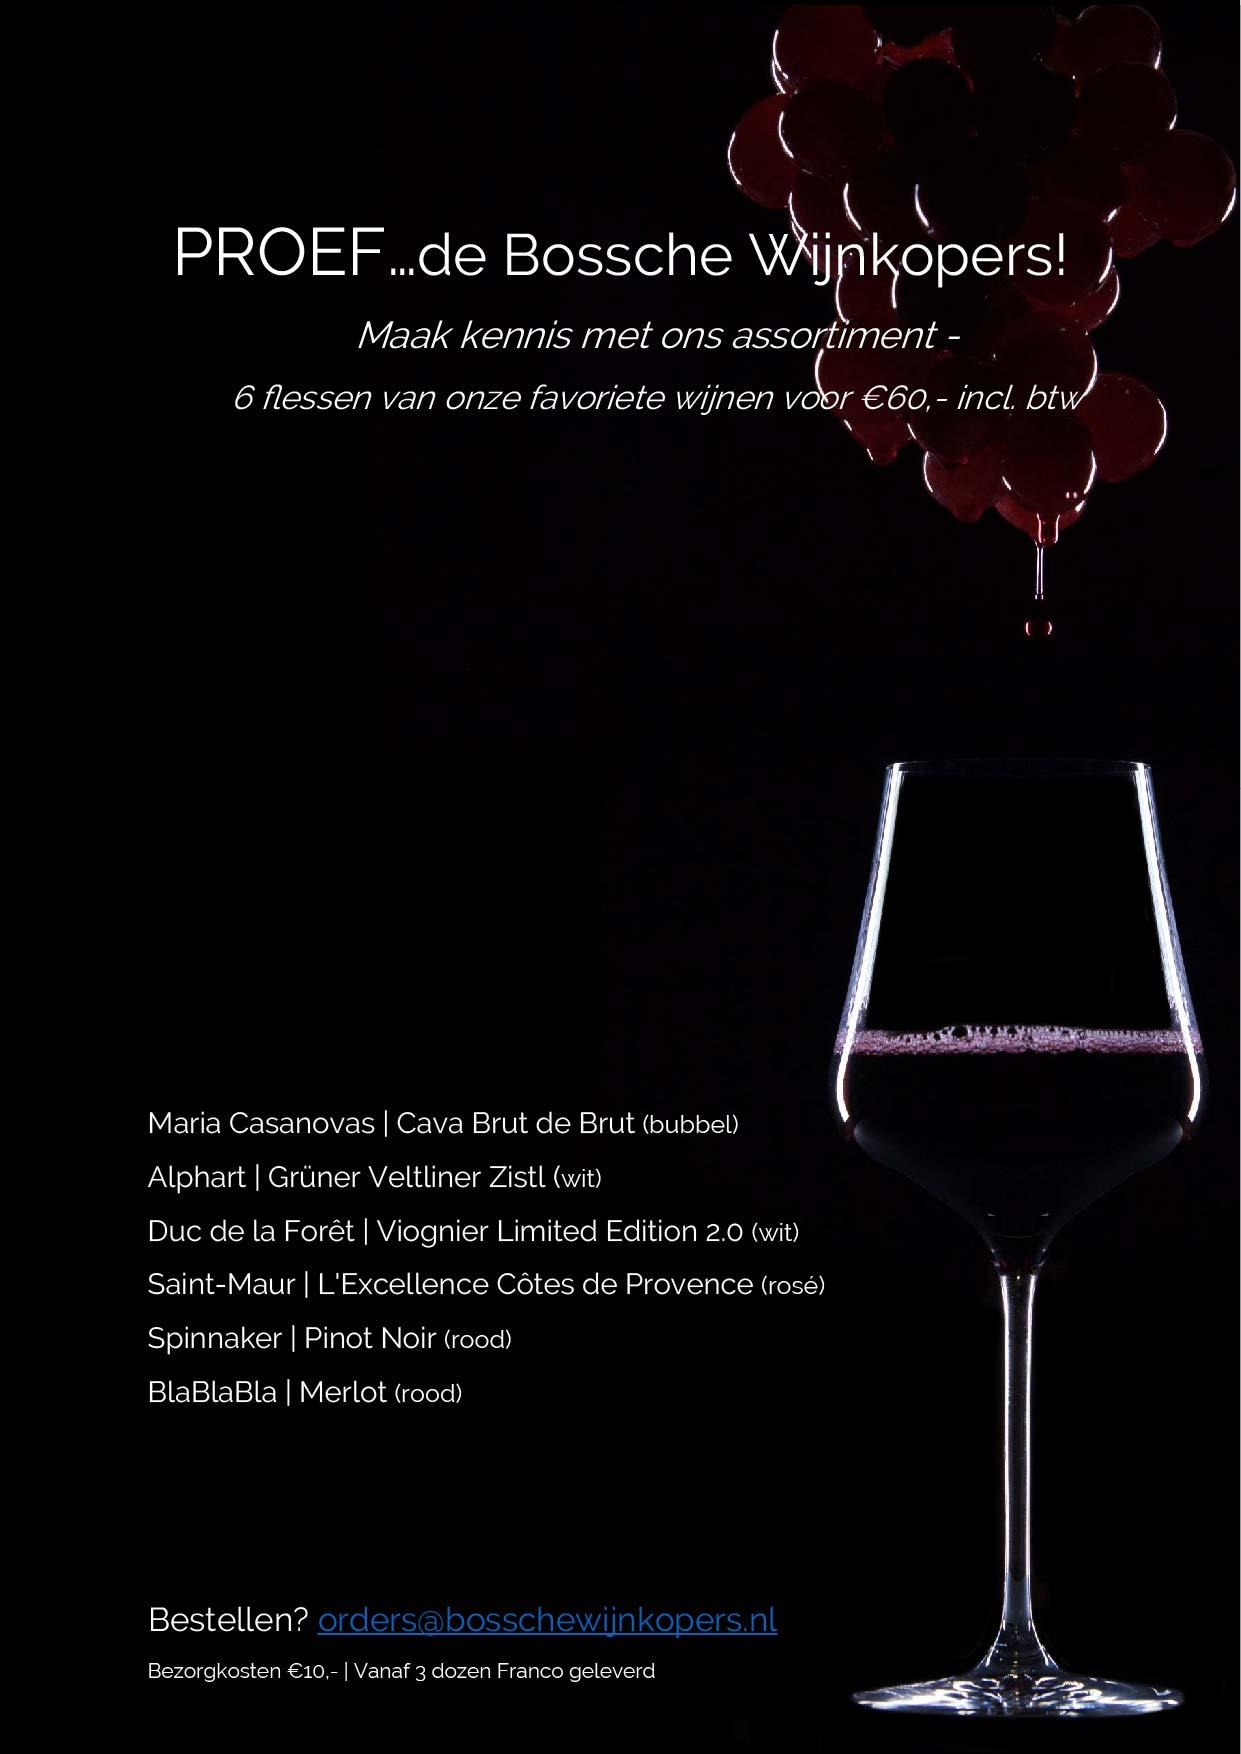 Proef... de Bossche Wijnkopers - Proefbox-01